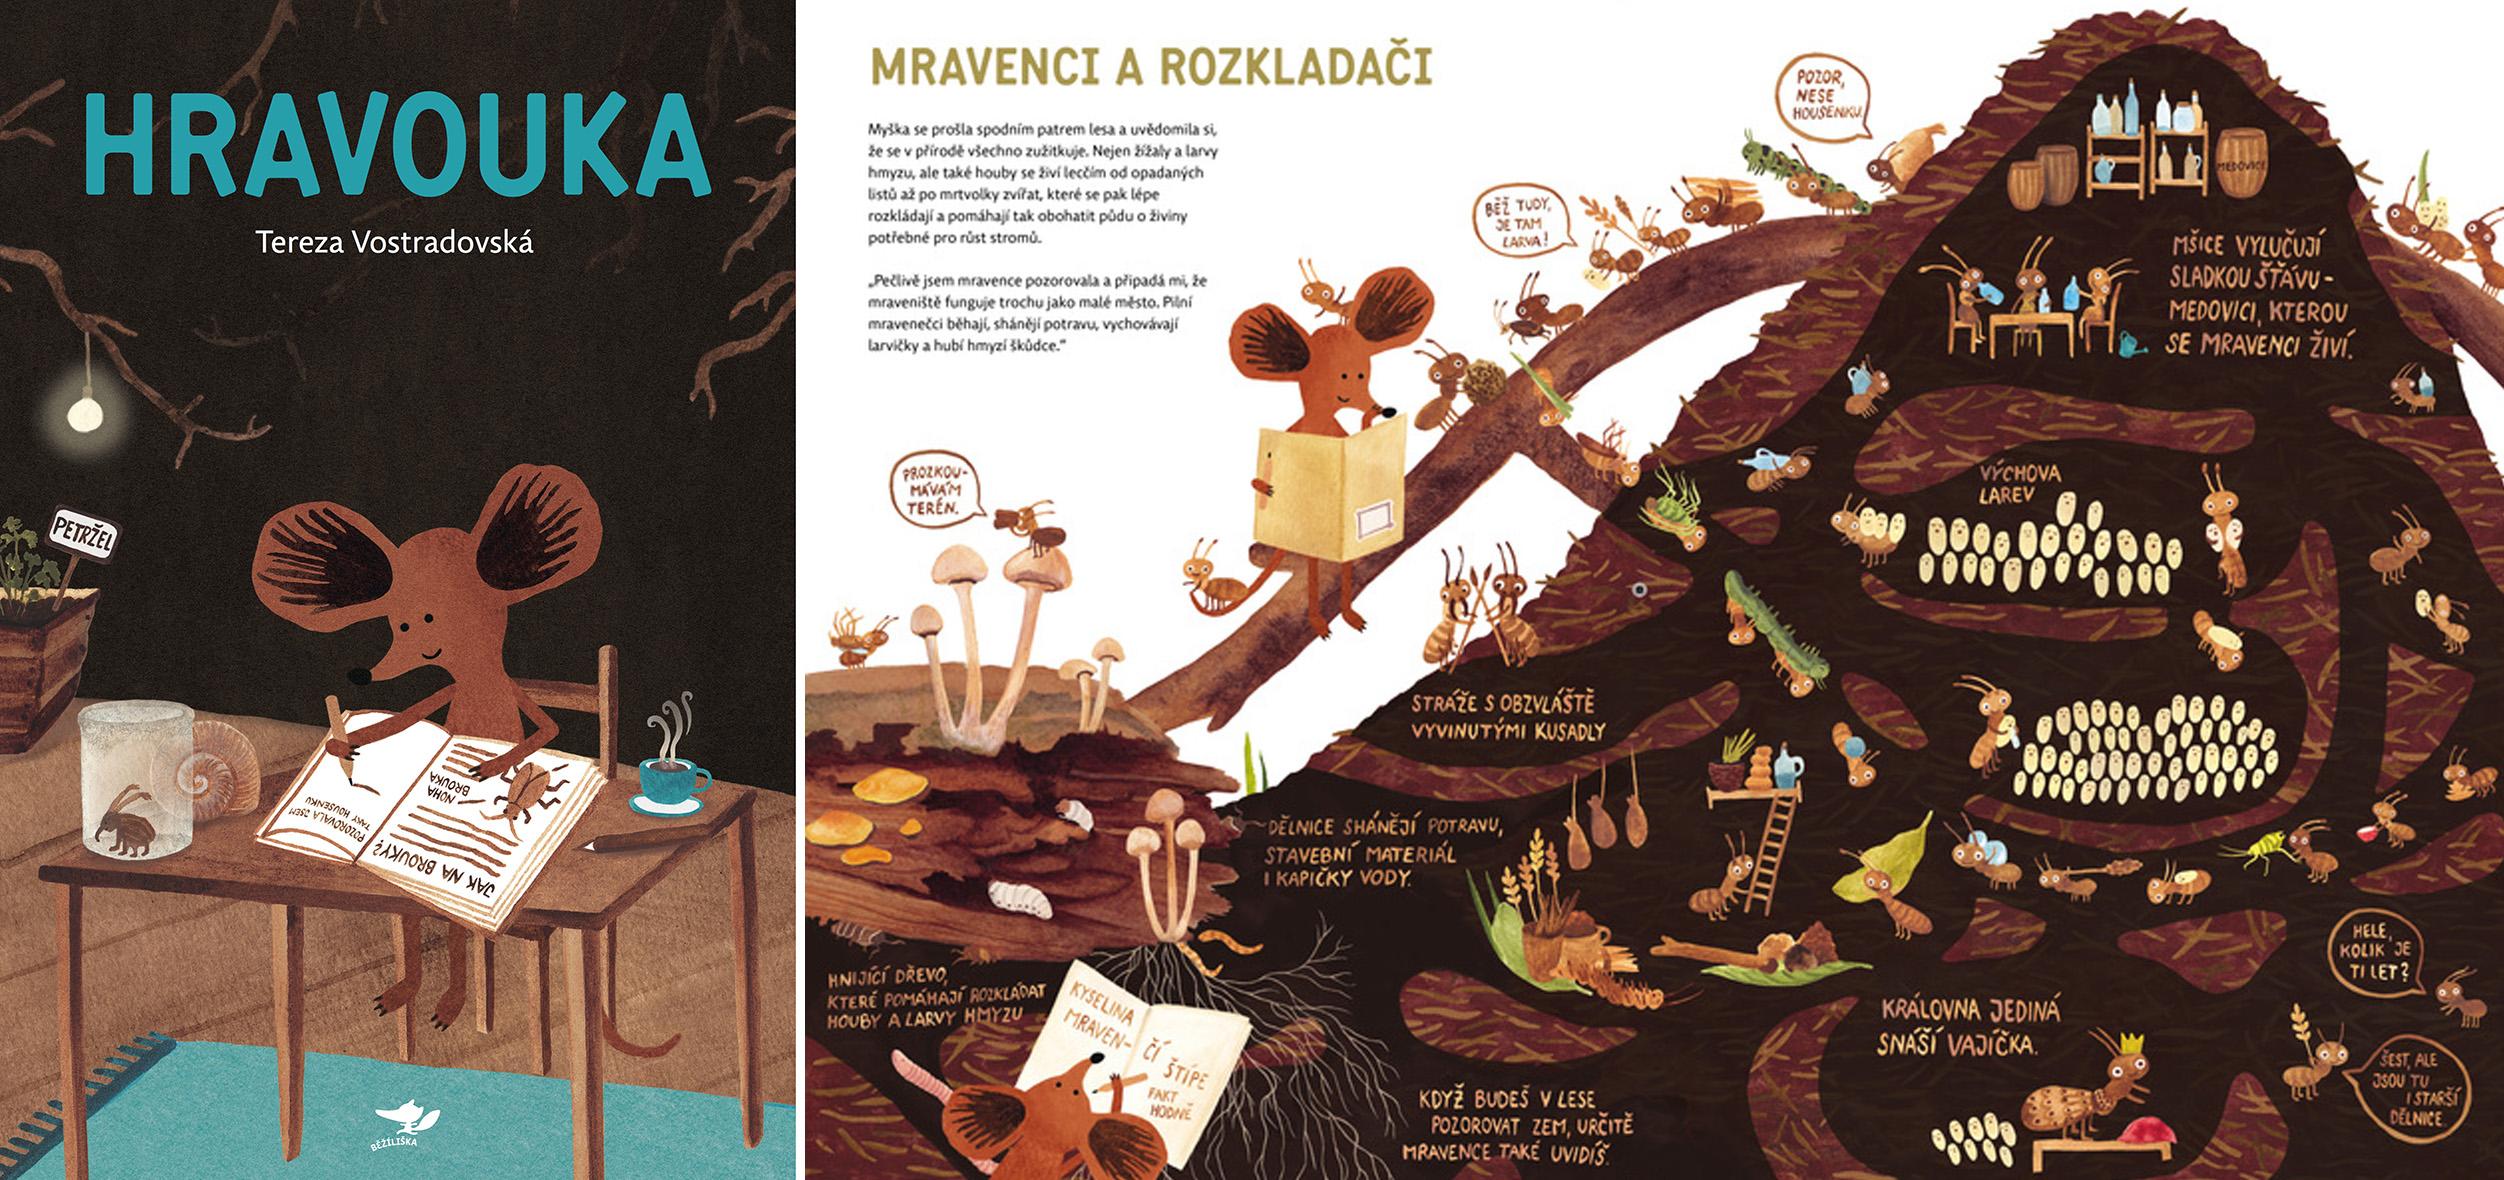 hravouka-myska-pise-encyklopedii-cover